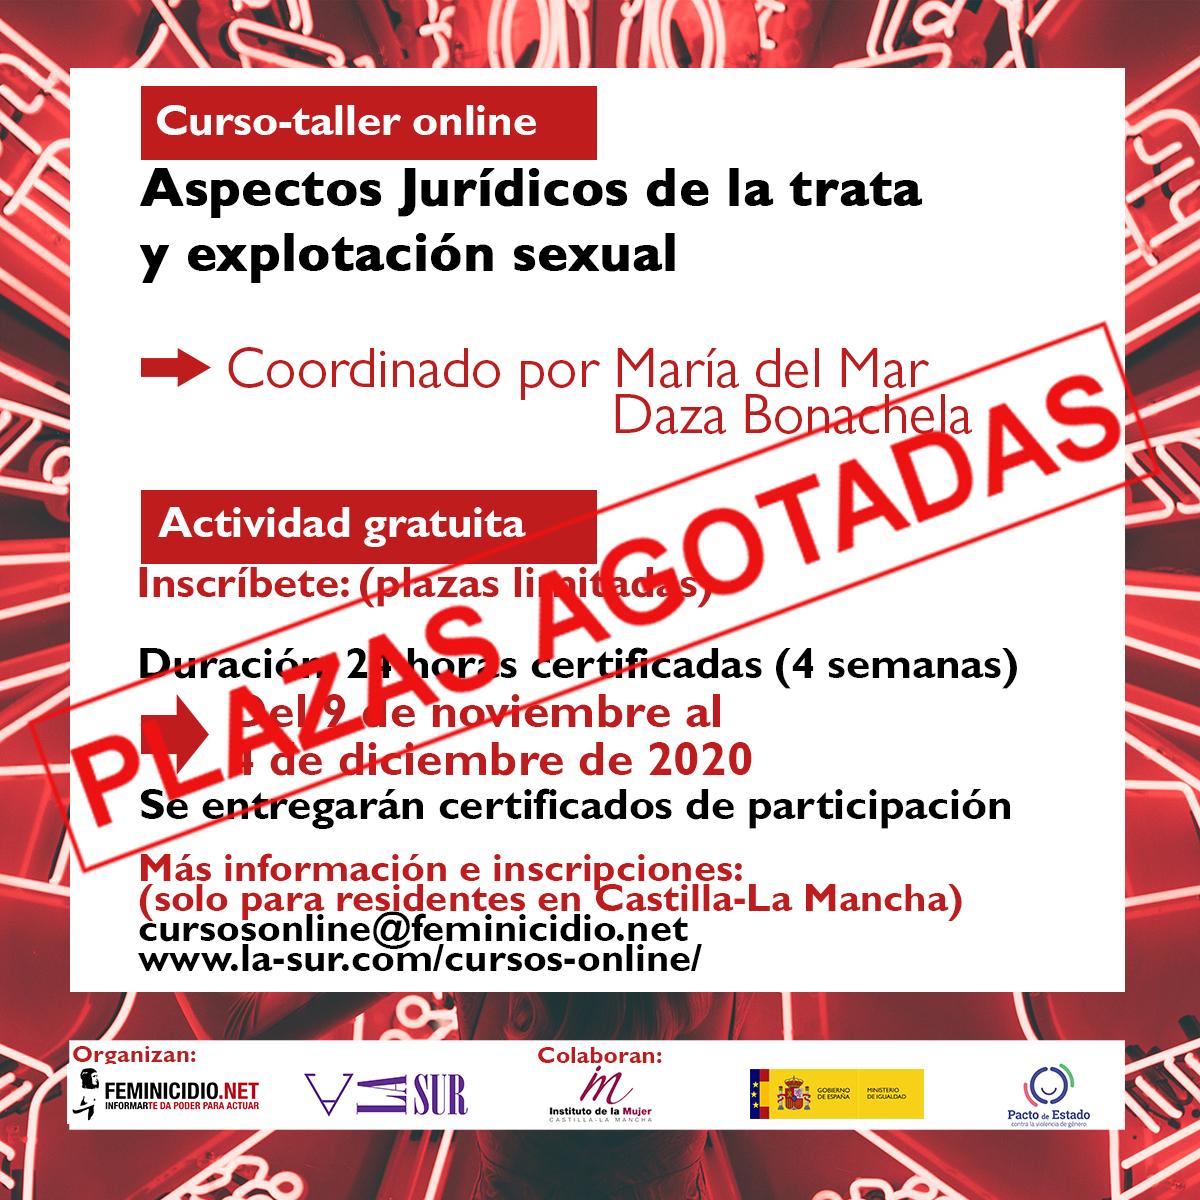 Curso Online Gratuito: Aspectos Jurídicos De La Trata Y Explotación Sexual. Para Residentes En Castilla-La Mancha